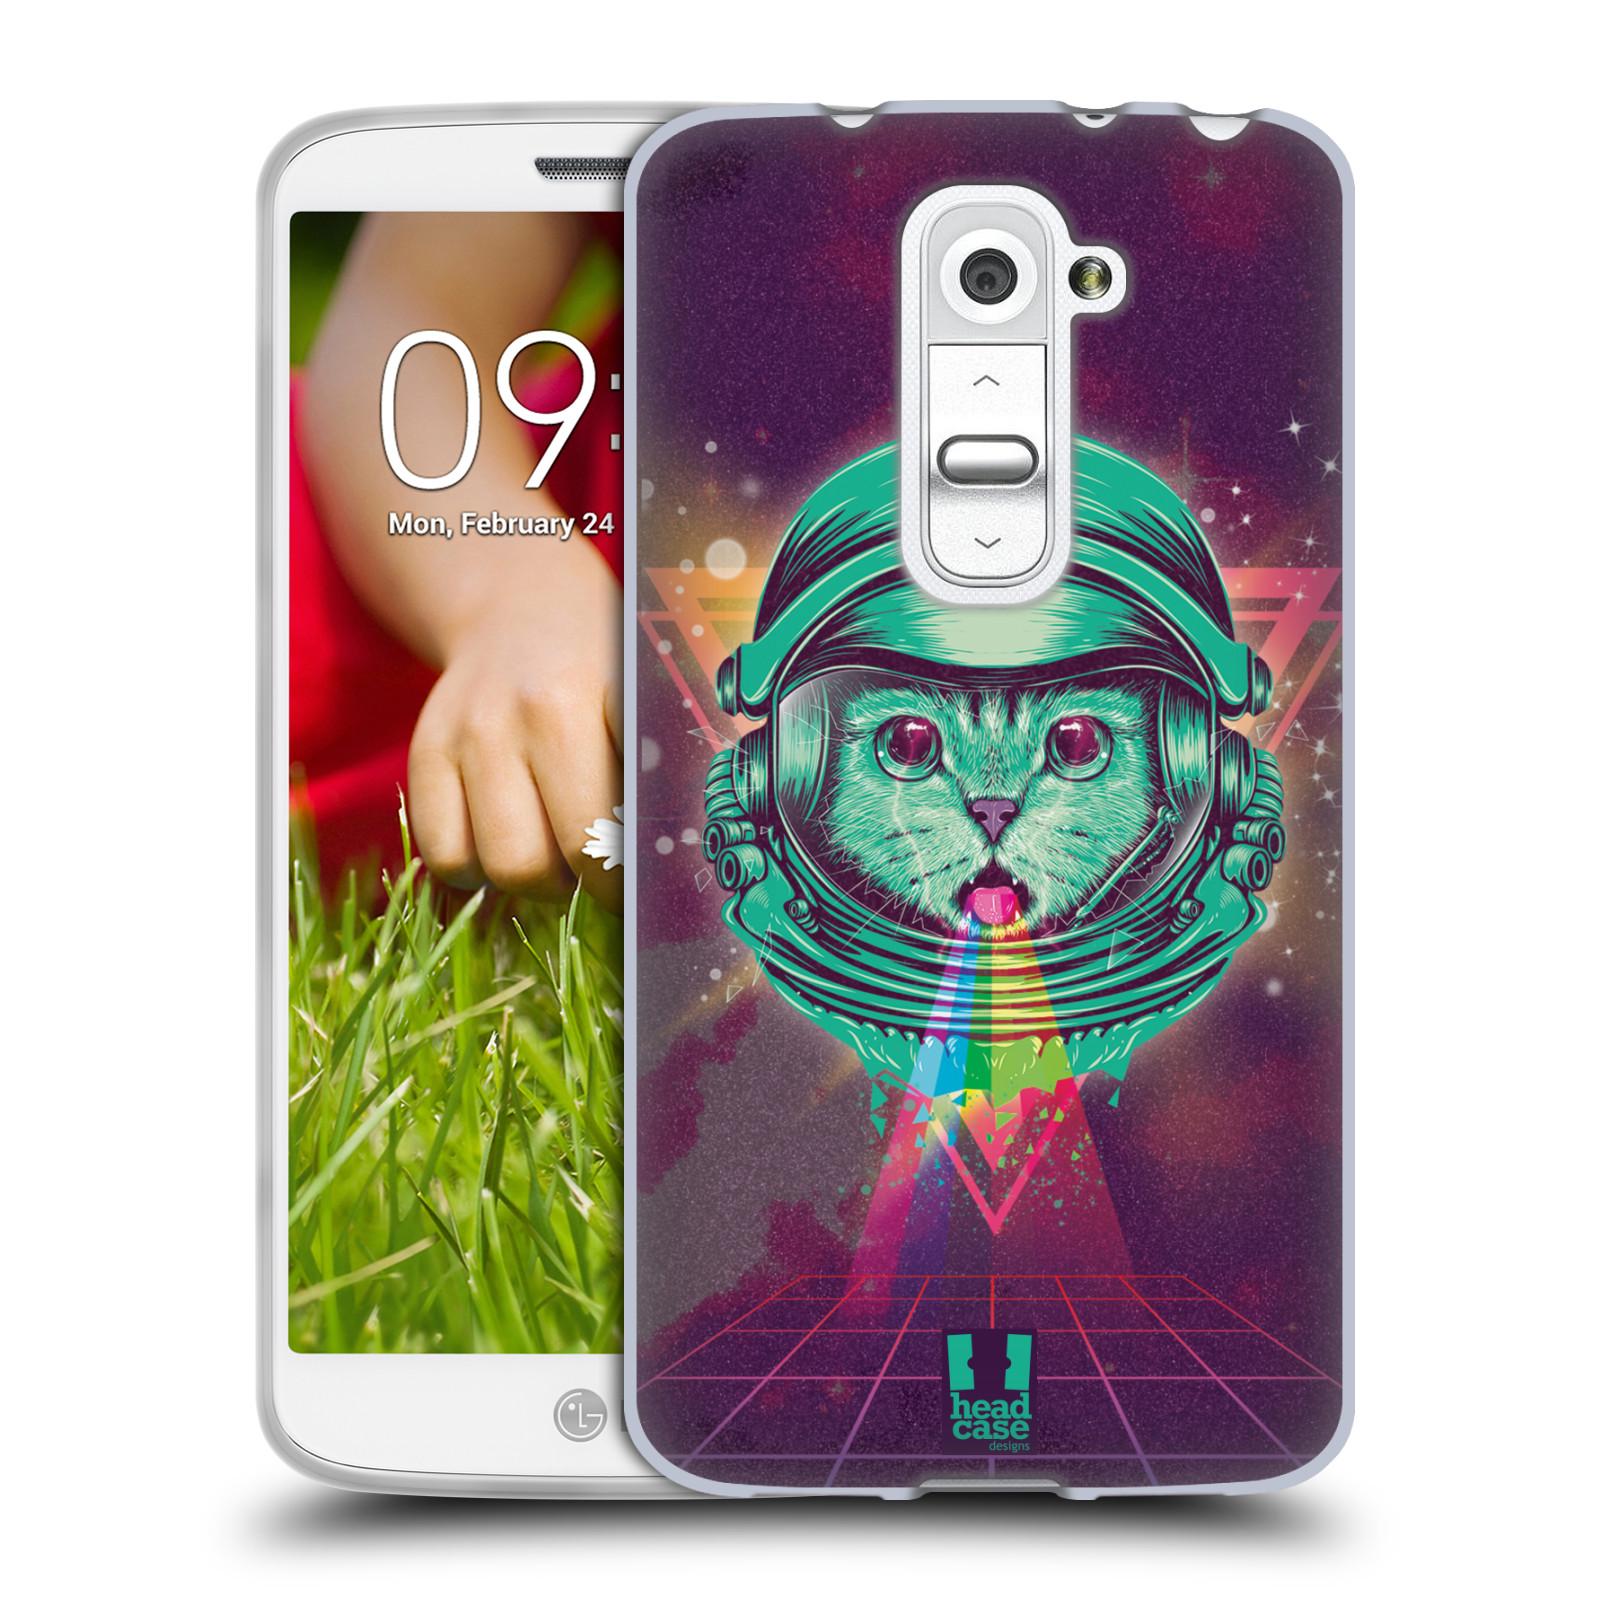 Silikonové pouzdro na mobil LG G2 Mini Head Case - Kóča ve skafandru (Silikonový kryt či obal na mobilní telefon s motivem z osmdesátek pro LG G2 Mini D620)